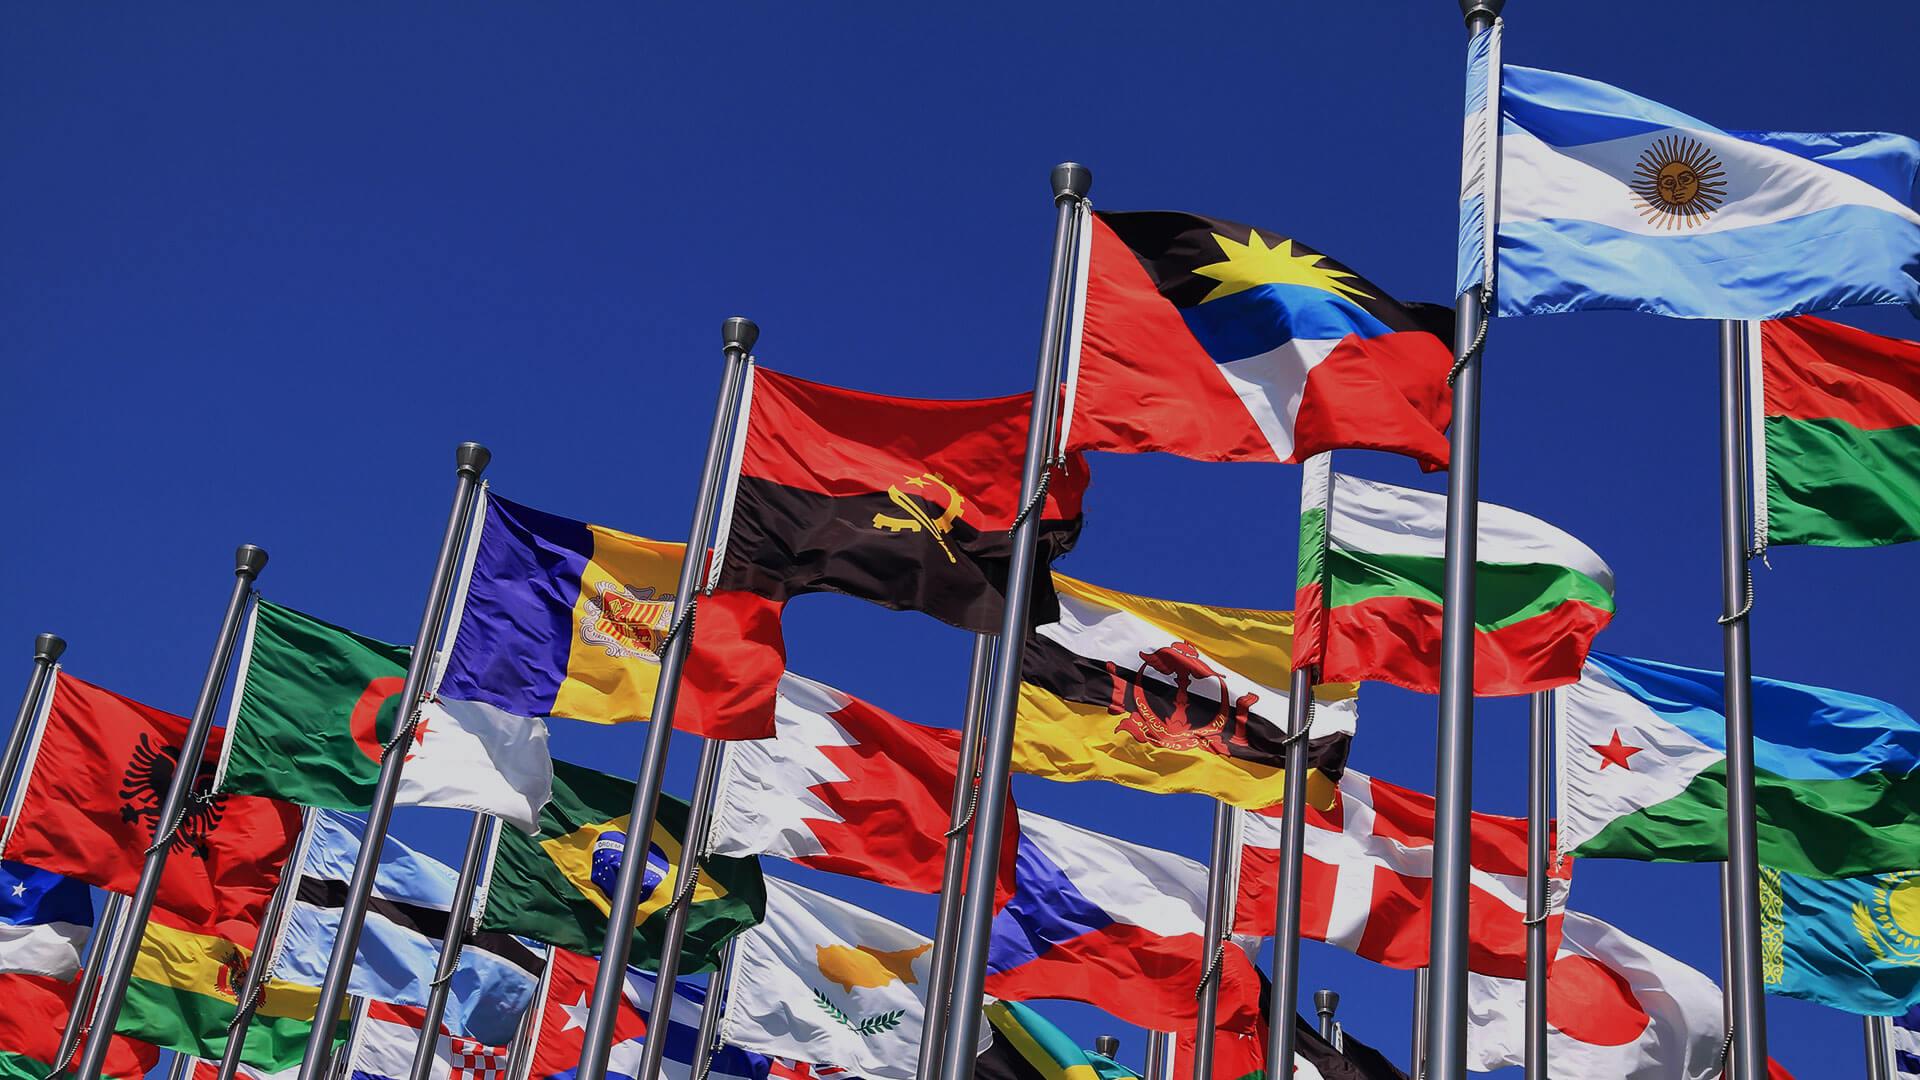 SEO internacional y tendencias de búsqueda: ¿cómo funciona todo?